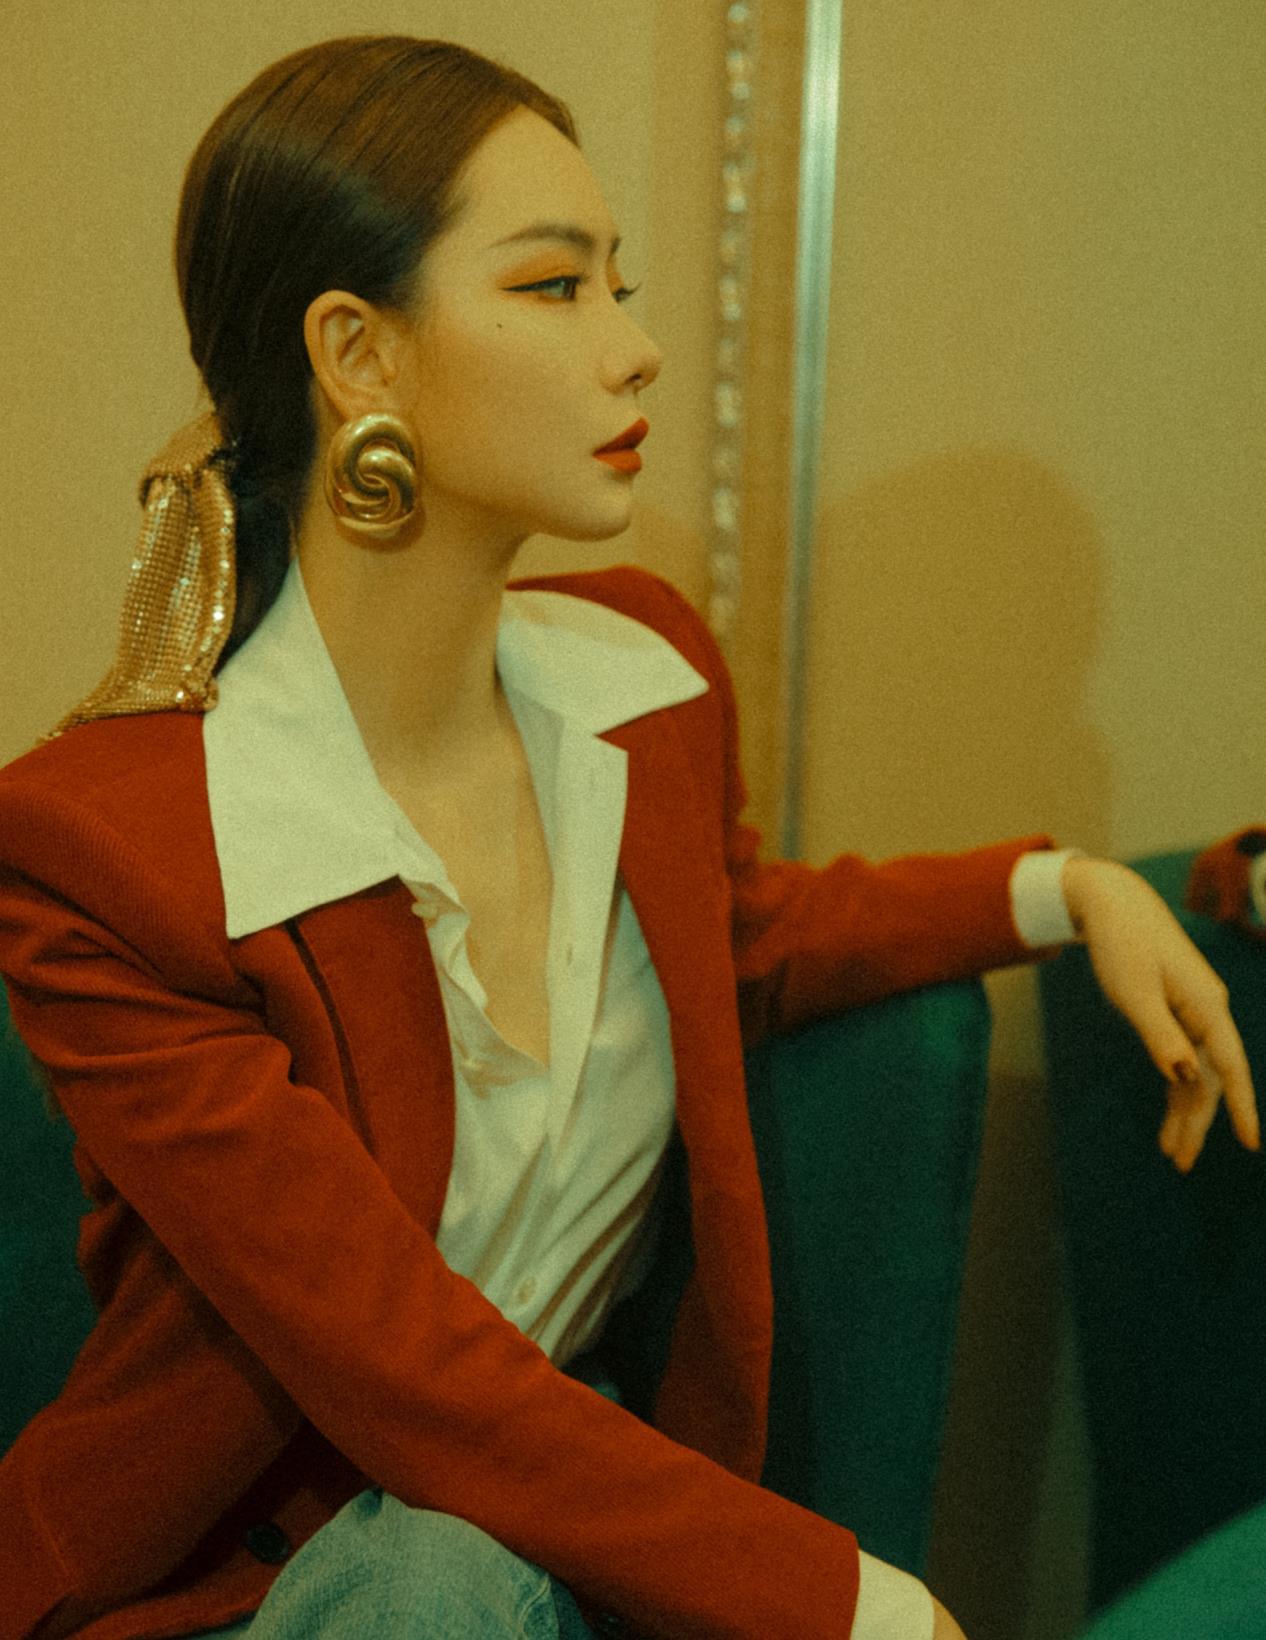 戚薇气质太高级,身穿复古风西服套装,红蓝配色成熟又精致